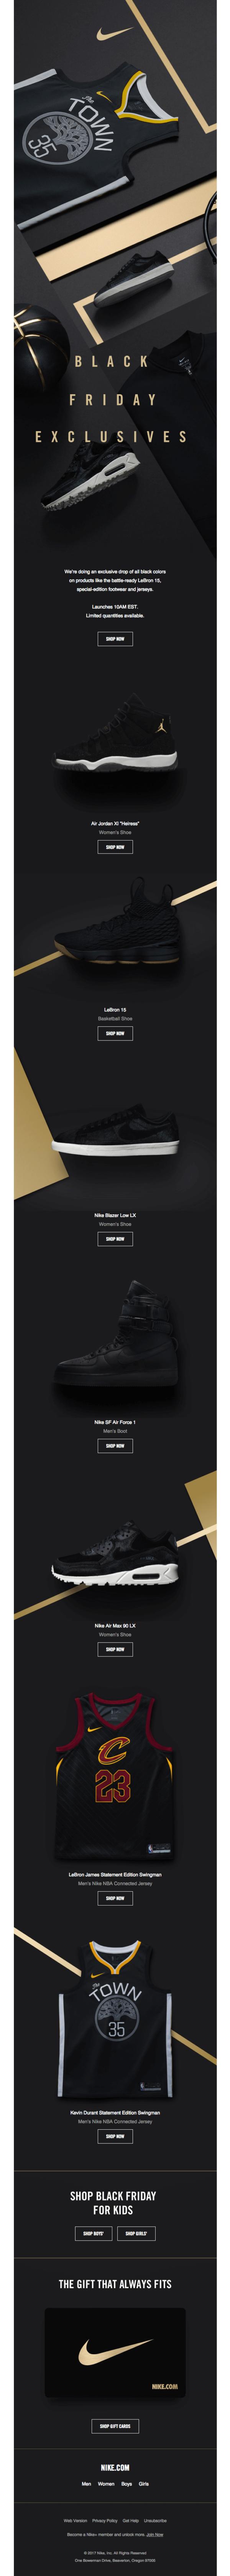 Емейл письмо по случаю Черной пятницы от Nike